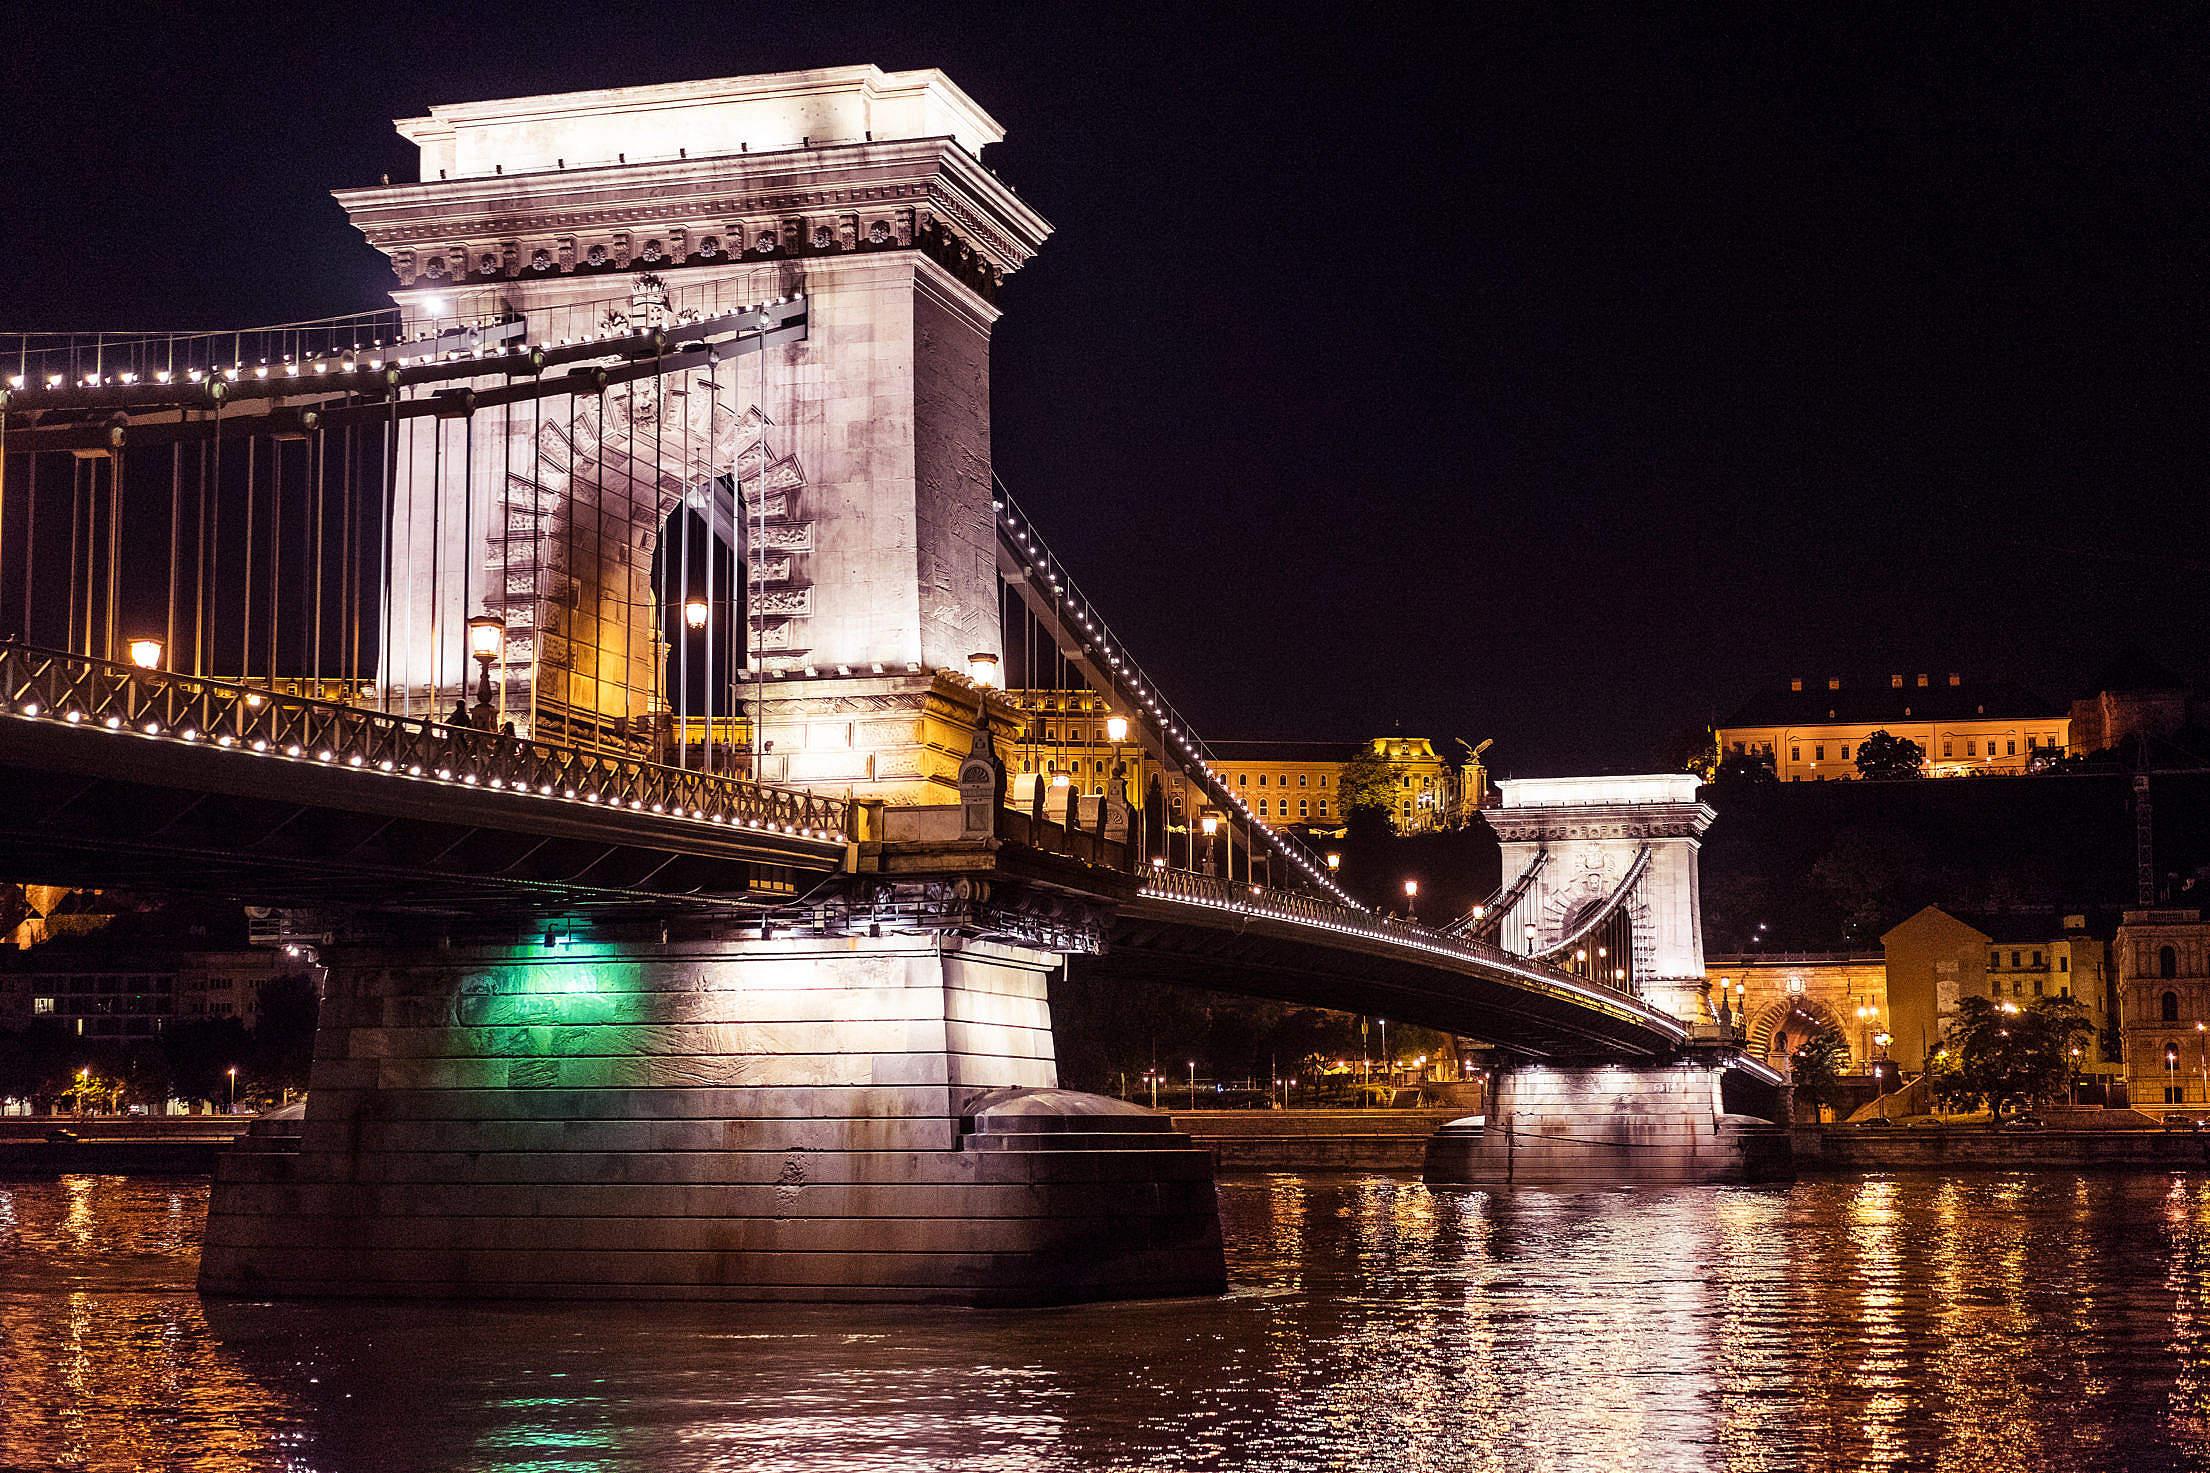 Széchenyi Chain Bridge, Hungary Free Stock Photo